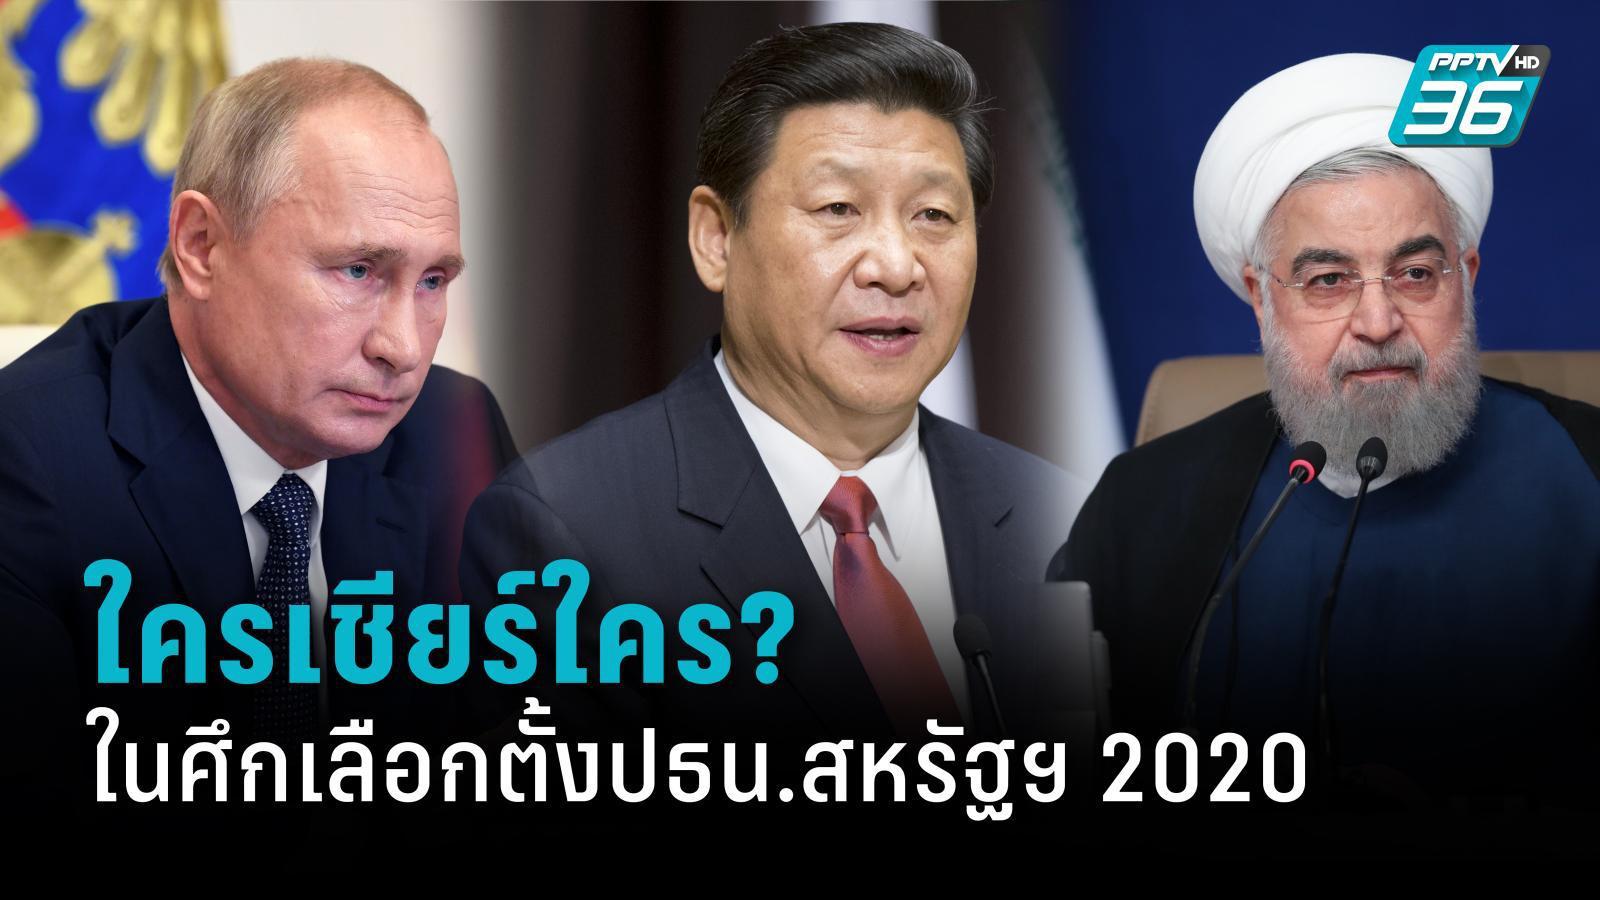 ใครเชียร์ใคร? คาดการณ์มุมมองมหาอำนาจต่อการเลือกตั้งสหรัฐฯ 2020